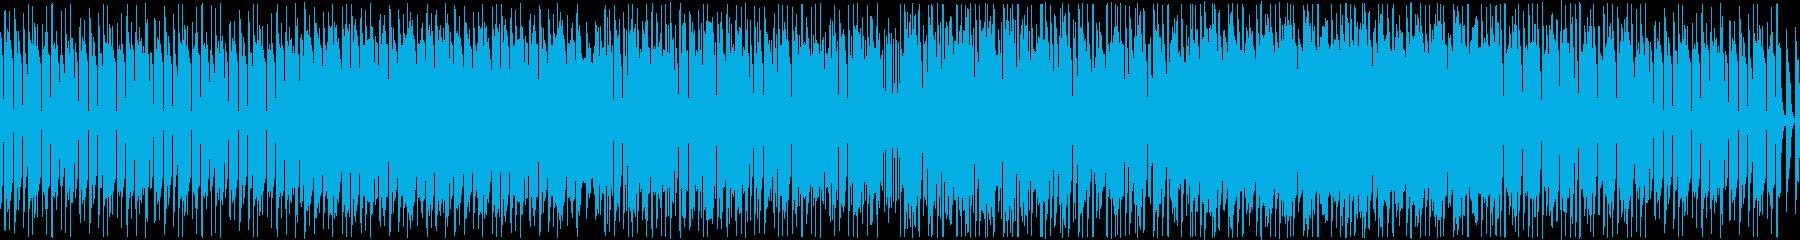 無機質で重厚なミニマルテクノの再生済みの波形